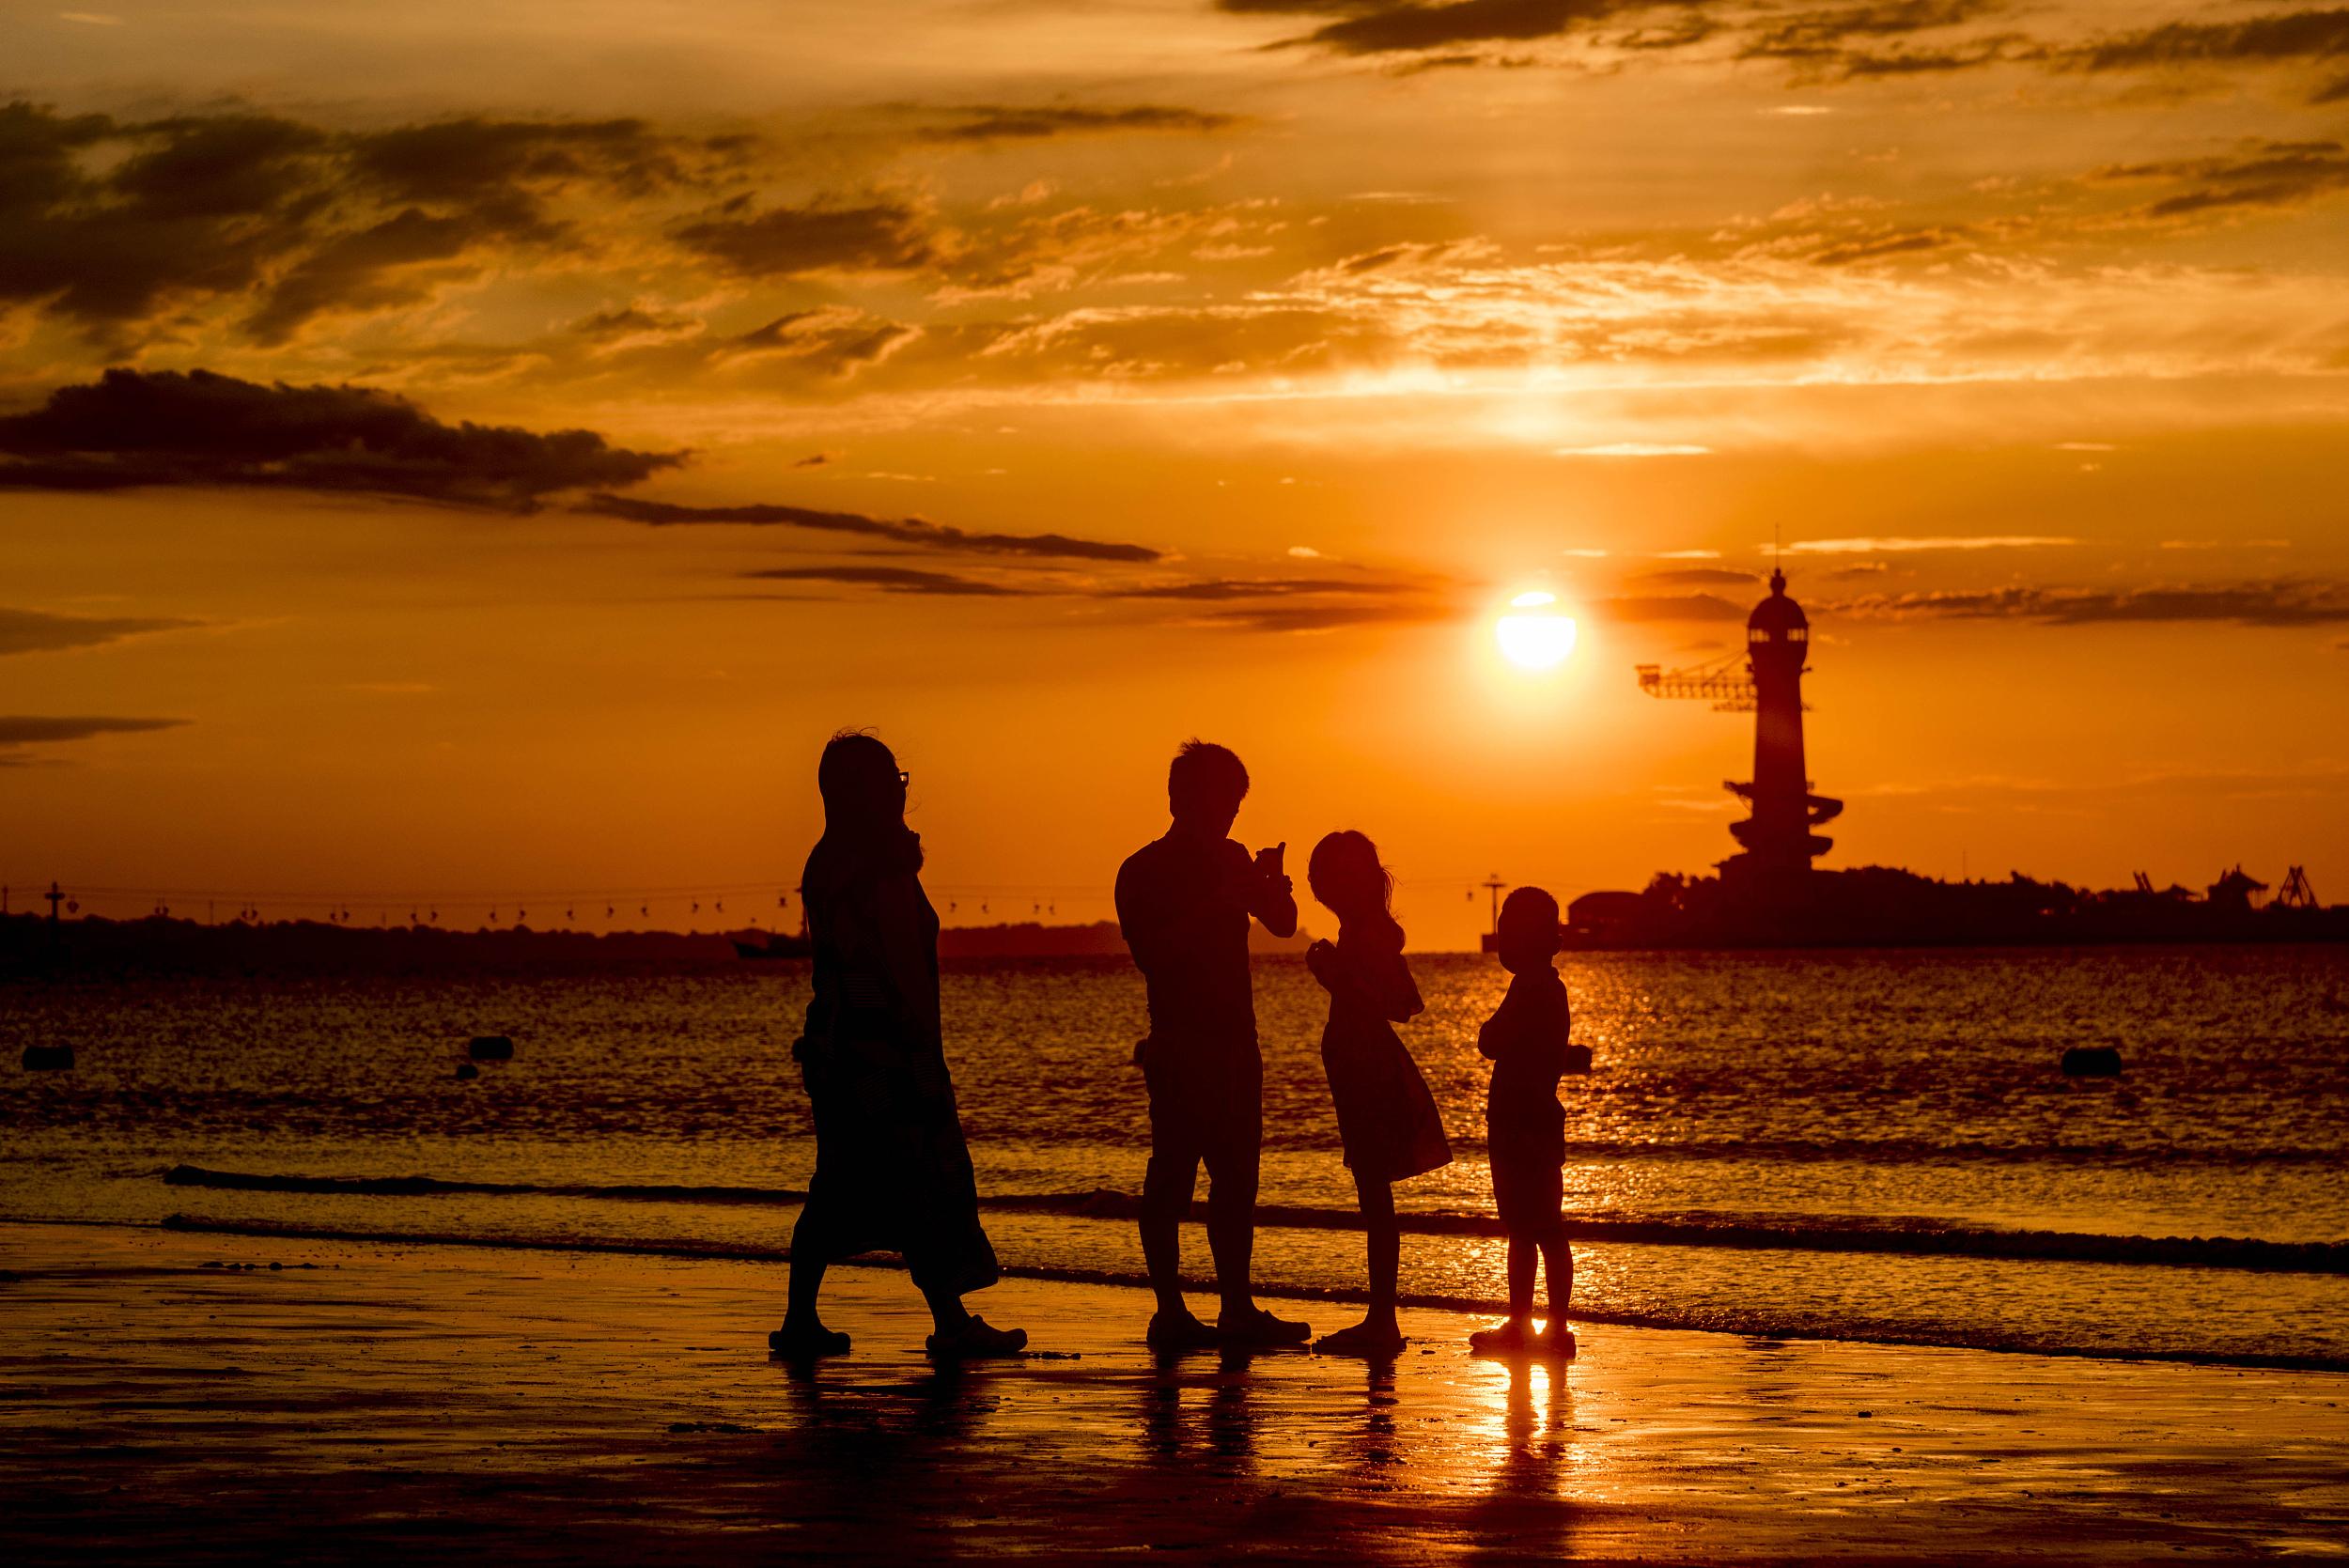 河北秦皇岛:北戴河新区金色阳光映大海 游客海边享受惬意假期